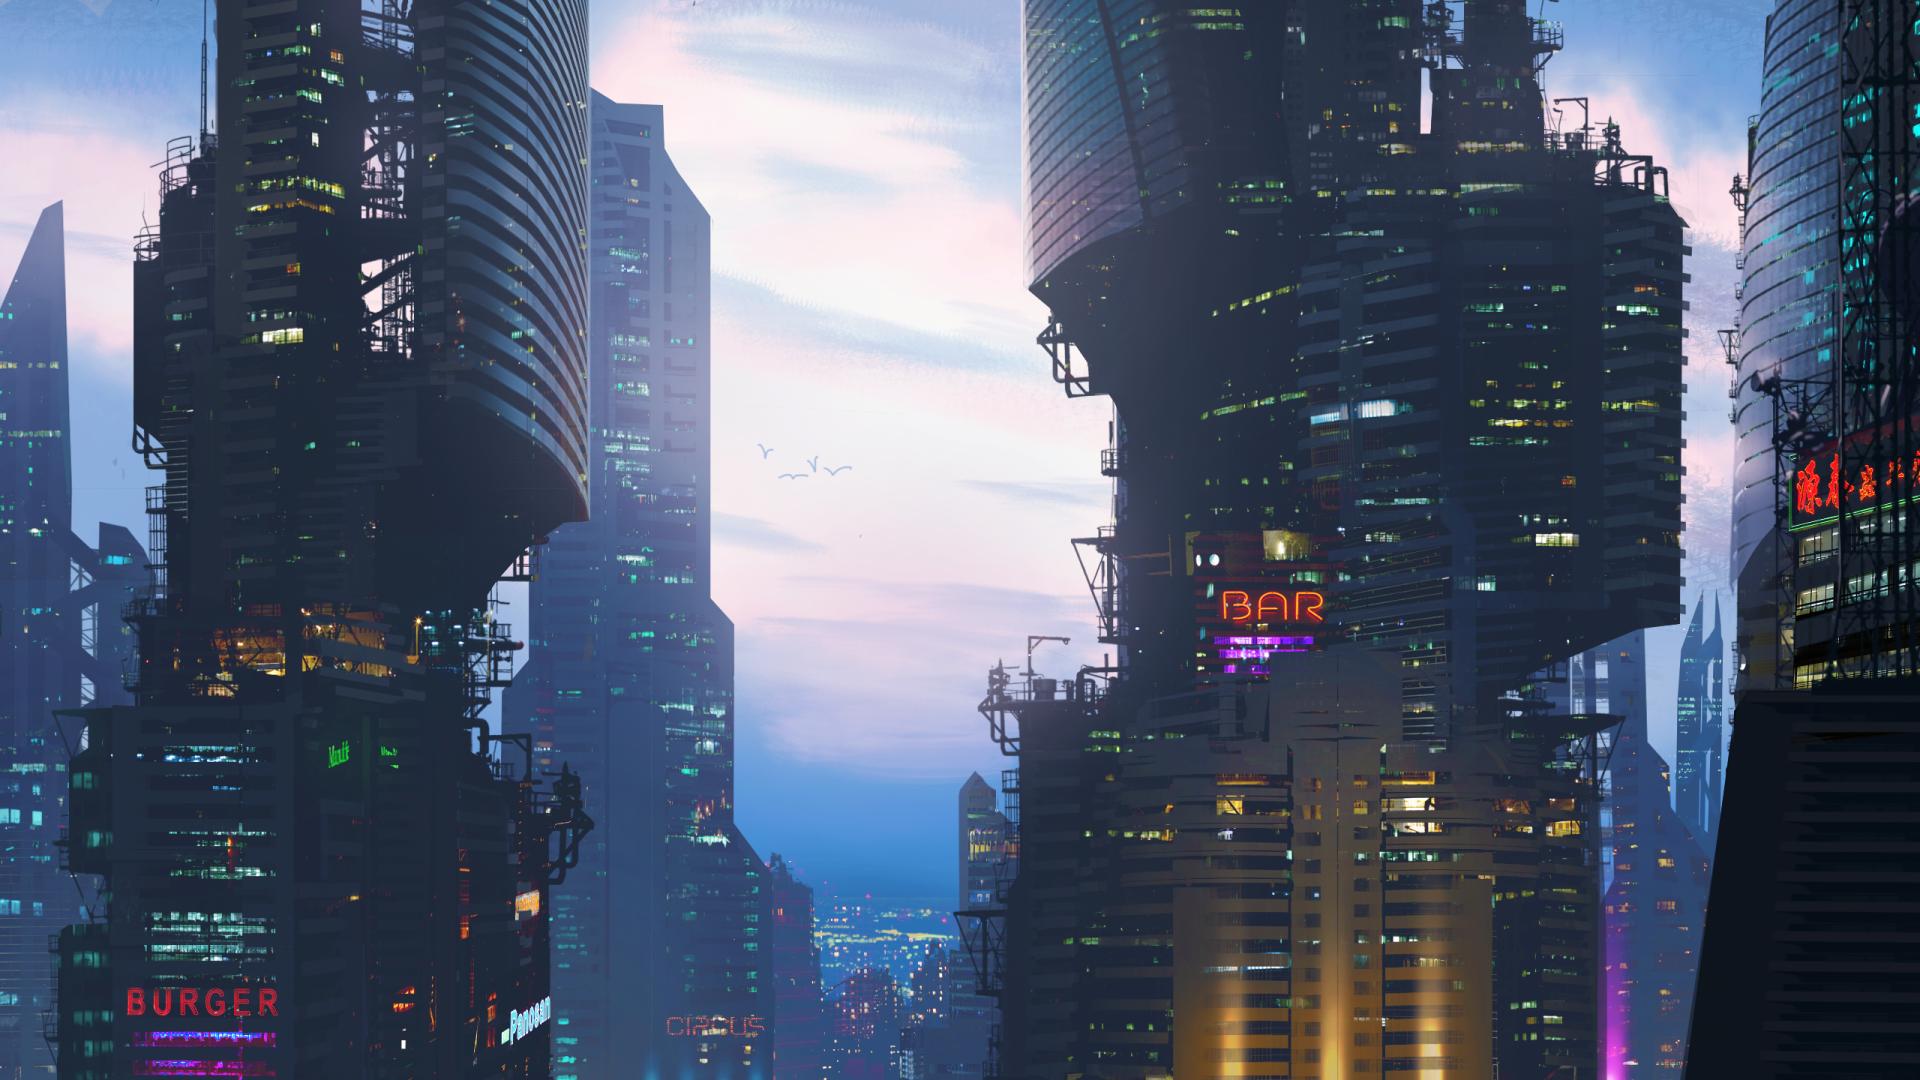 Sci Fi - City  Building Cloud Sky Sci Fi Bar Skyscraper Wallpaper